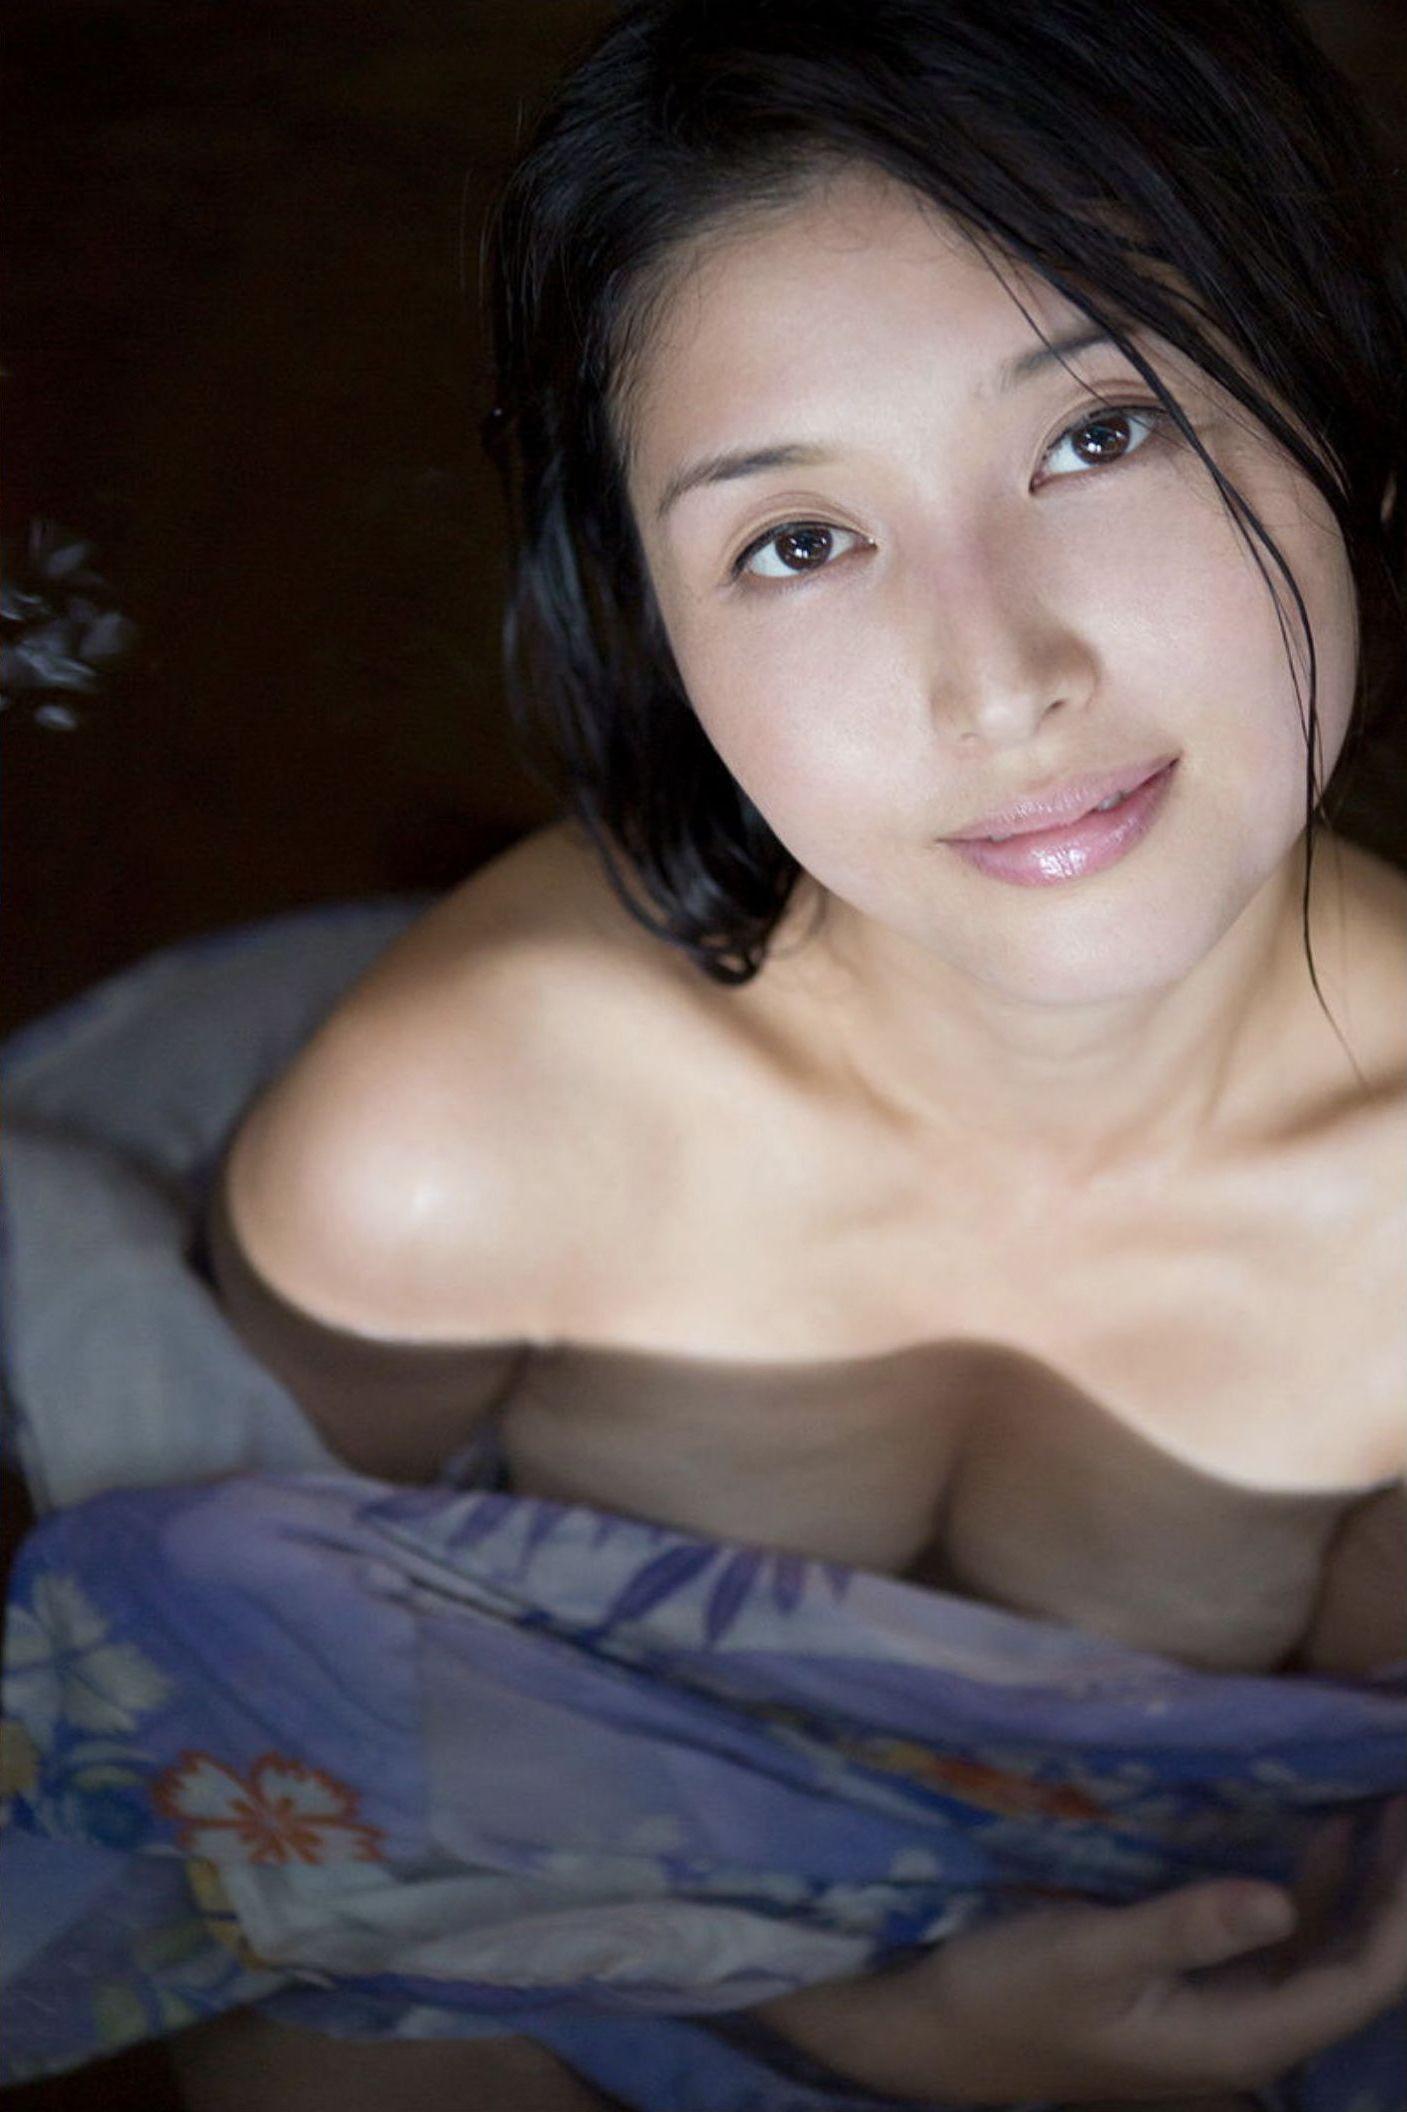 『愛の記憶』橋本マナミ デジタル写真集 043